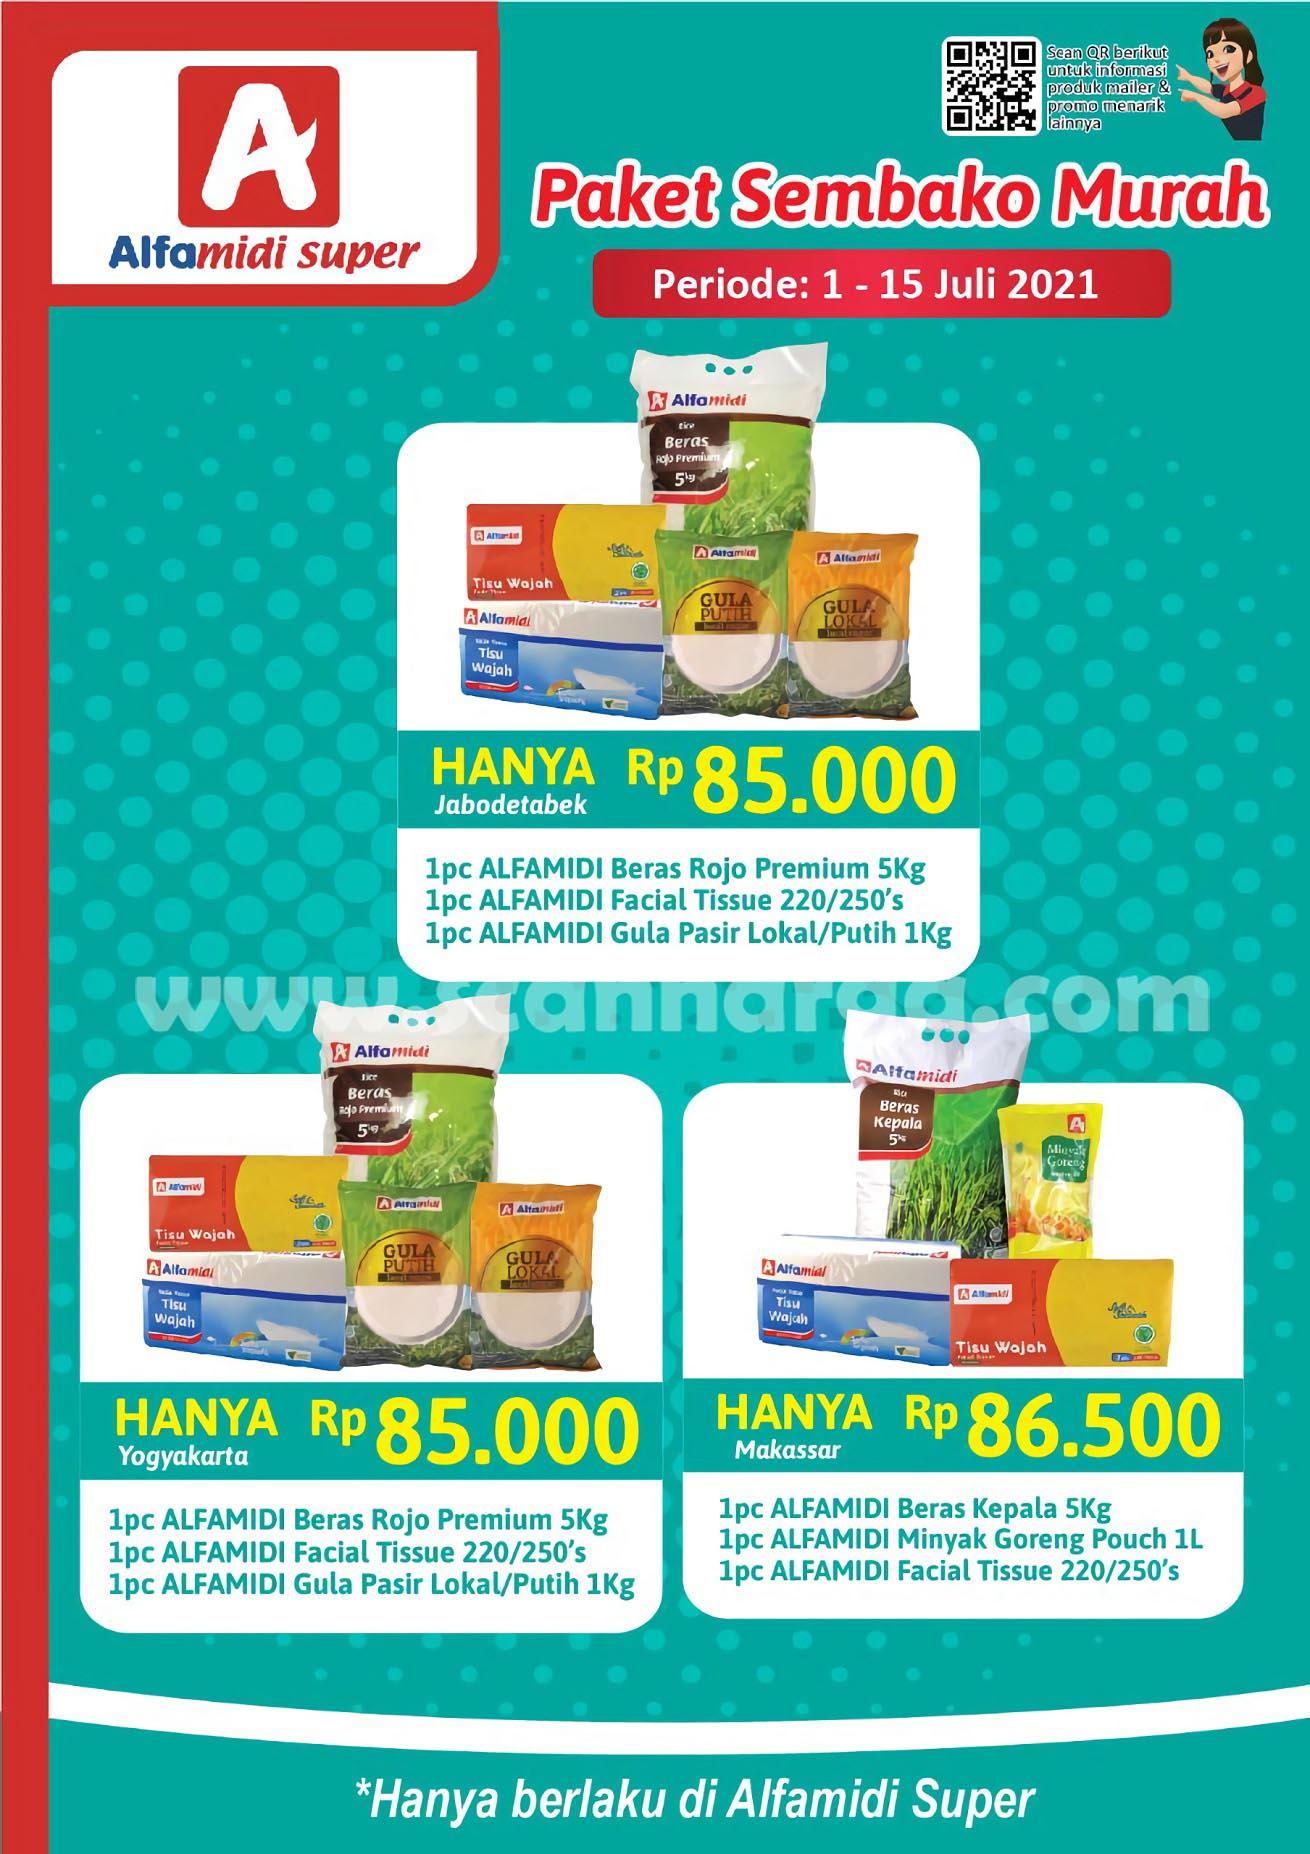 ALFAMIDI Promo Paket Sembako Murah Periode 1 - 15 Juli 2021